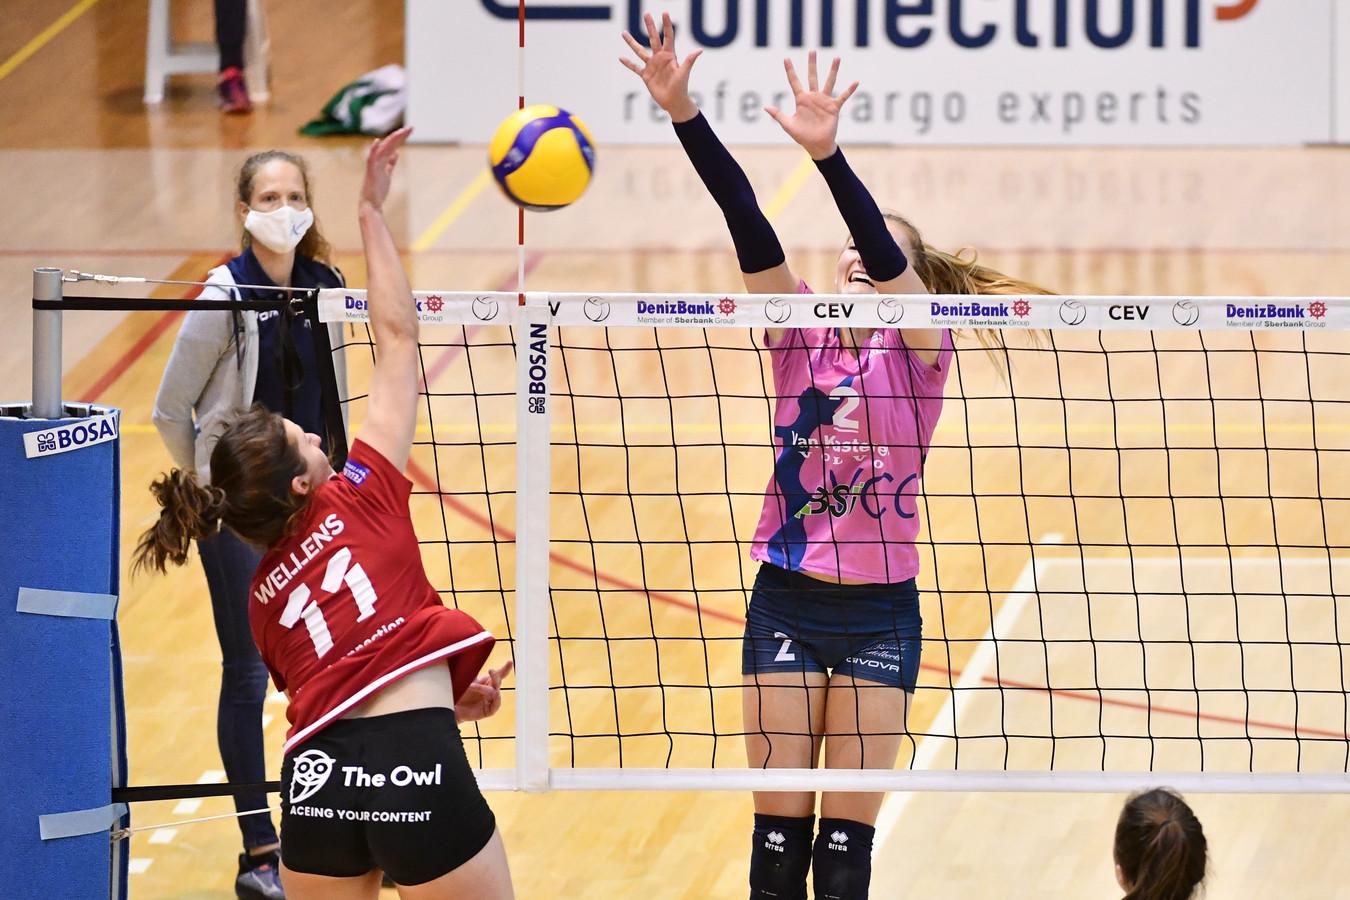 Elise Van Sas tracht de smash van Clara Wellens te pareren. Oudegem won zaterdagavond met 0-3 in Antwerpen.